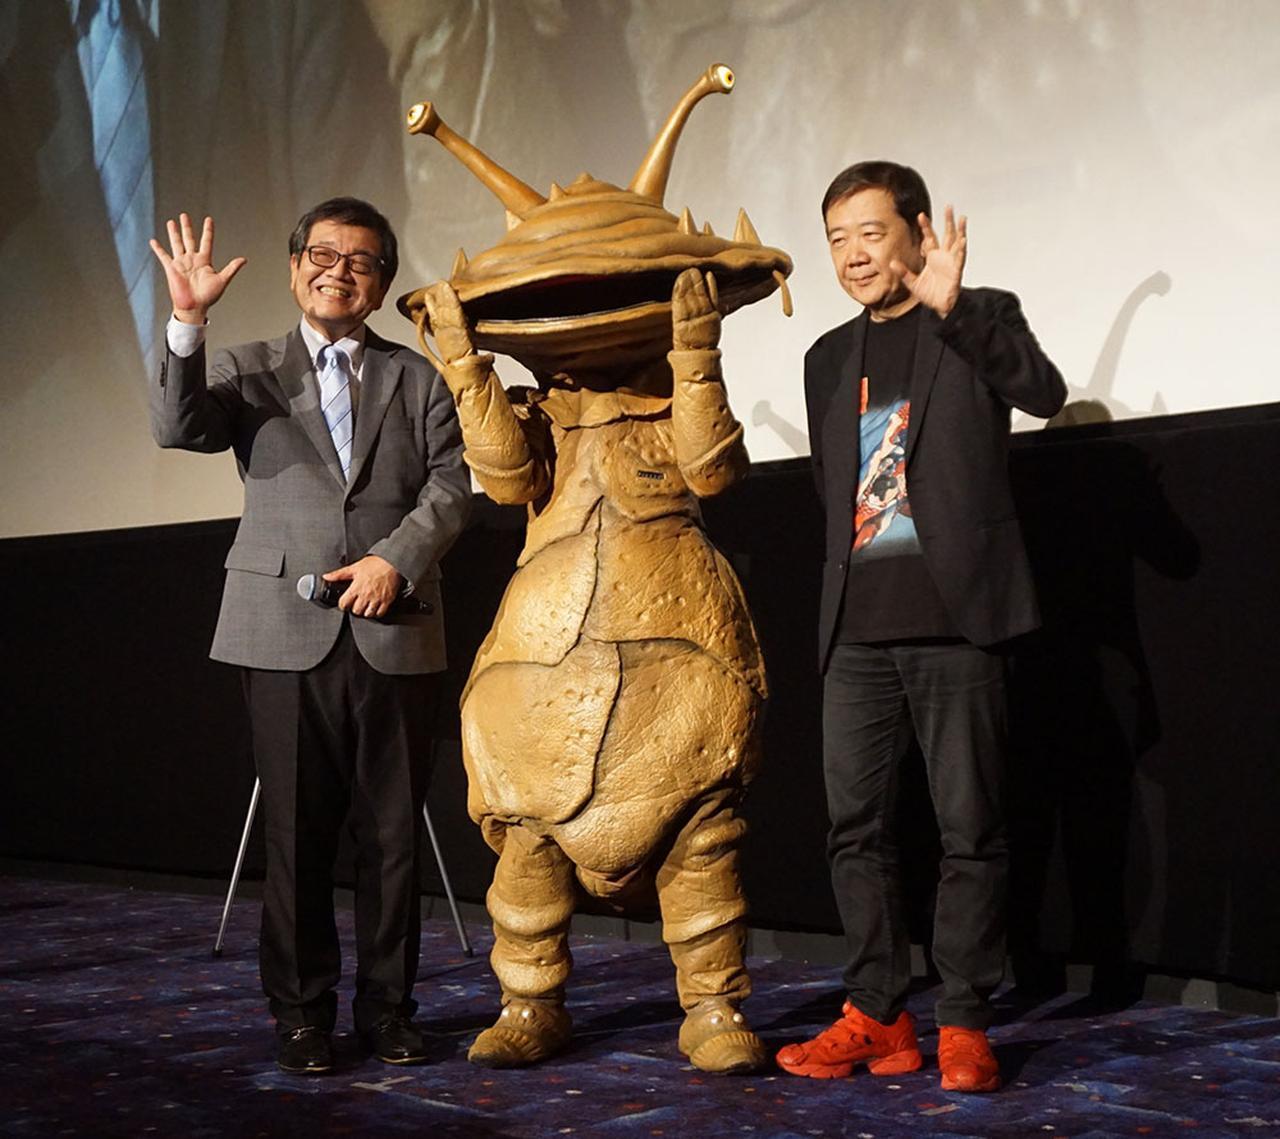 画像1: 「『カネゴンの繭』は日本最高傑作の寓話です」『ULTRAMAN ARCHIVES』Premium Theater第4弾は、不条理な世界を描き出した人気作で盛り上がった